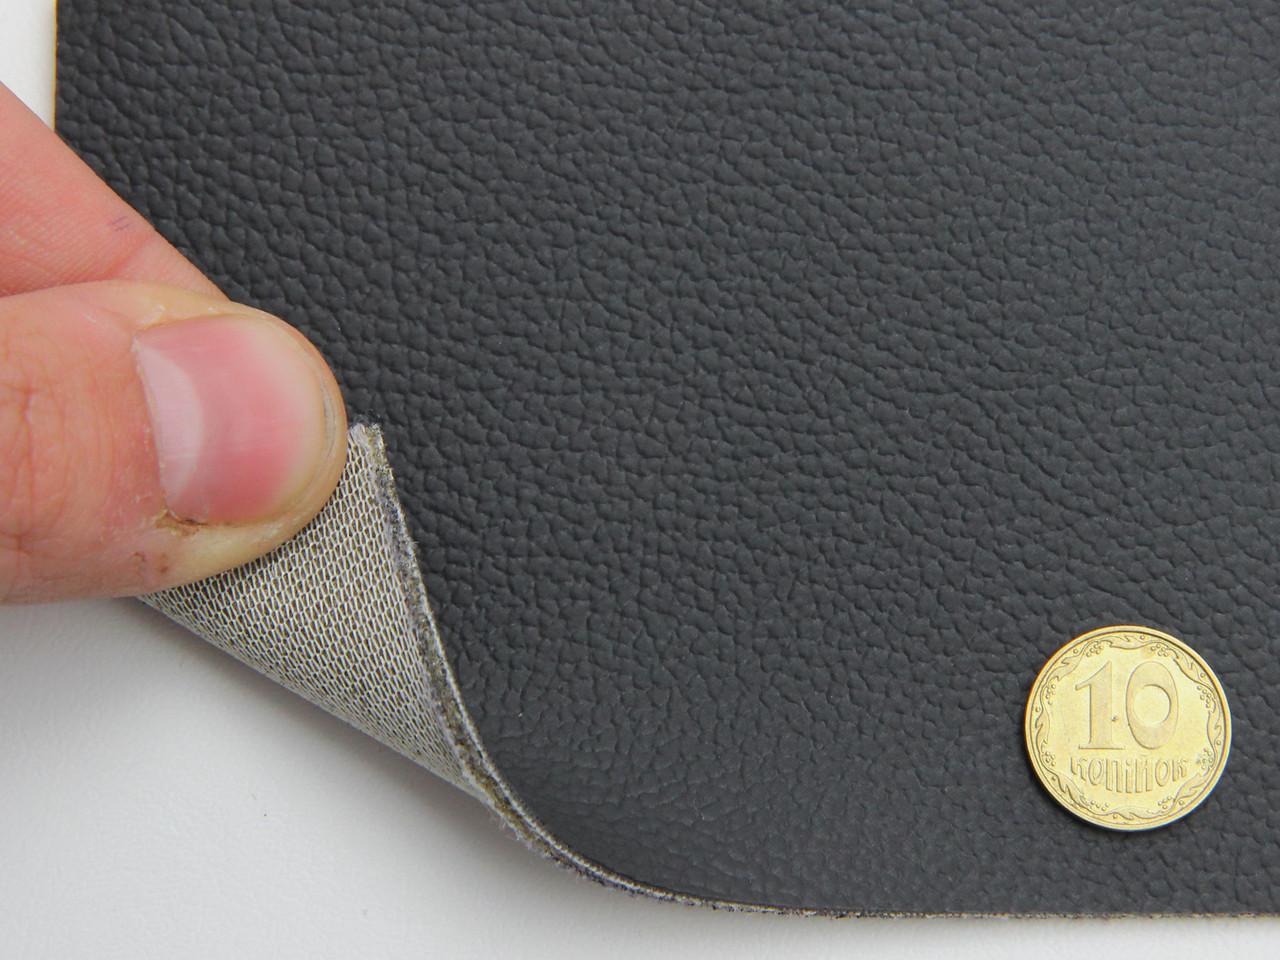 Шкірзамінник чорний для сидінь авто (текстурний матовий 10-135) на поролоні і сітці, товщина 2 мм, ширина 1.40м